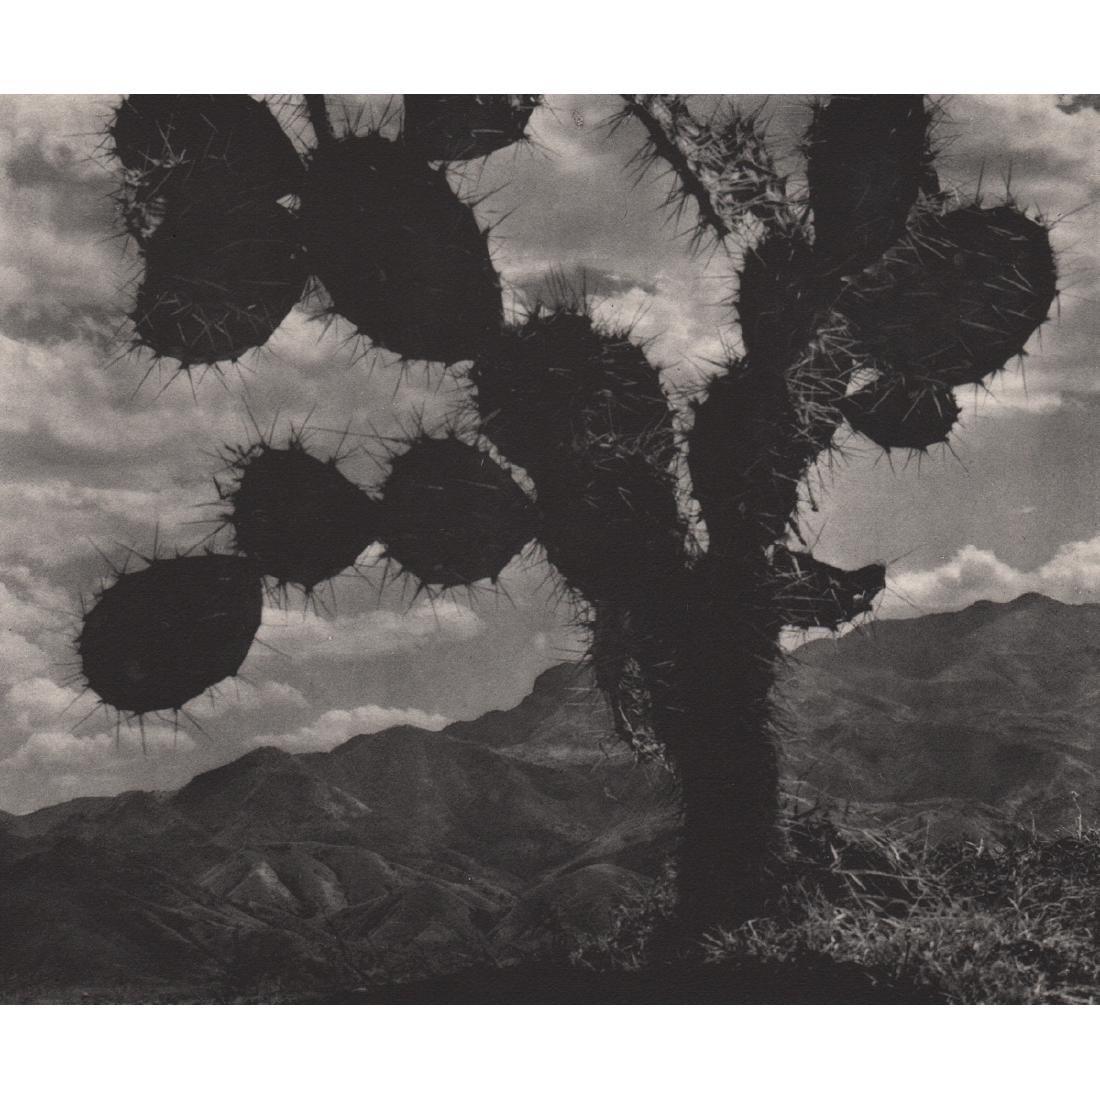 ANTON BRUEHL - On the Road to Toluca